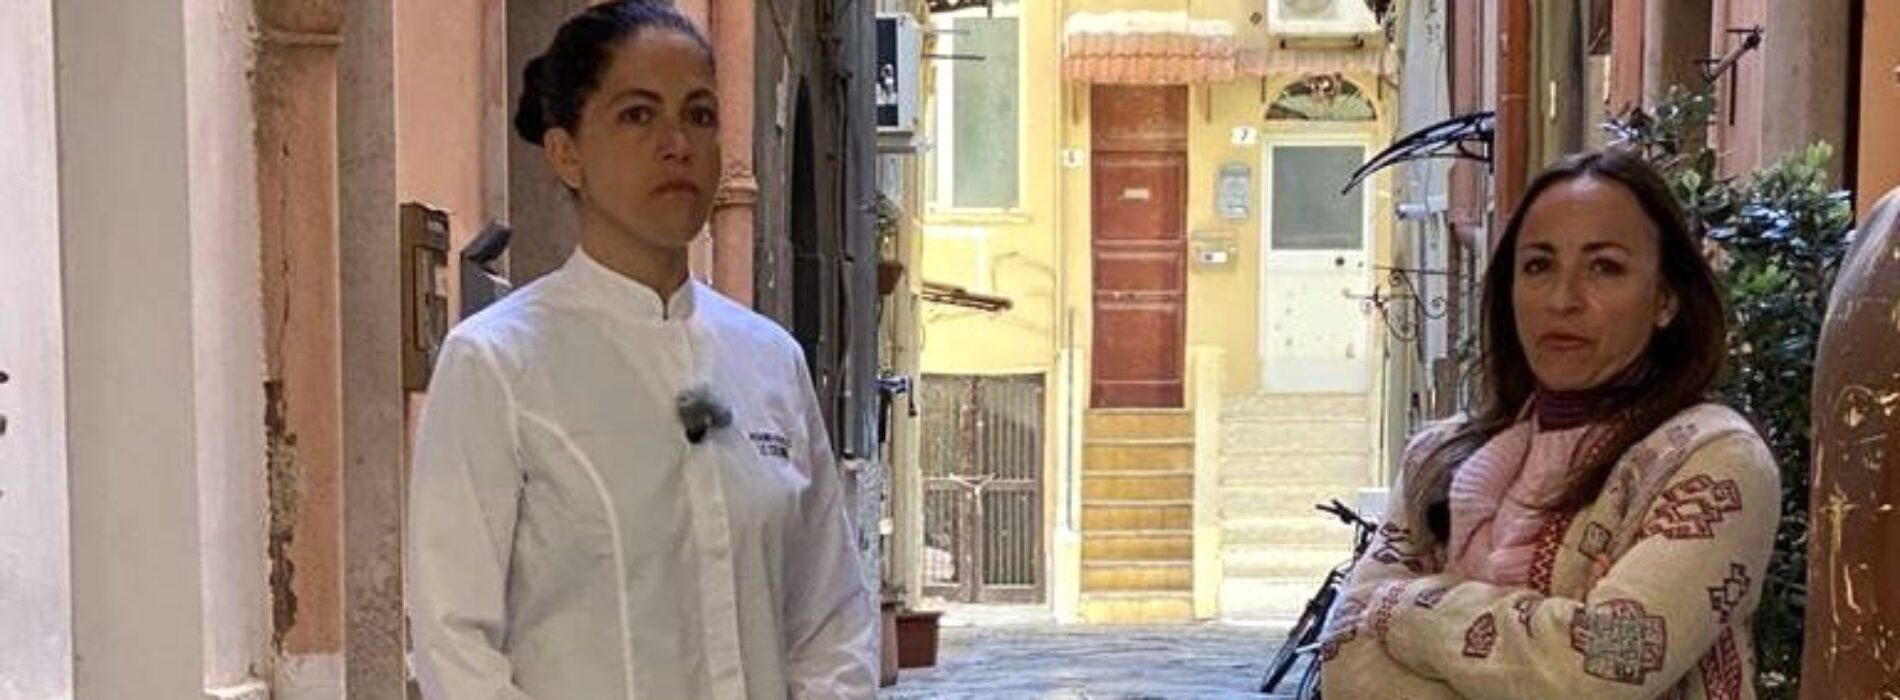 Il Borgo dei Borghi, la chef Rosanna Marziale giurata su Rai 3